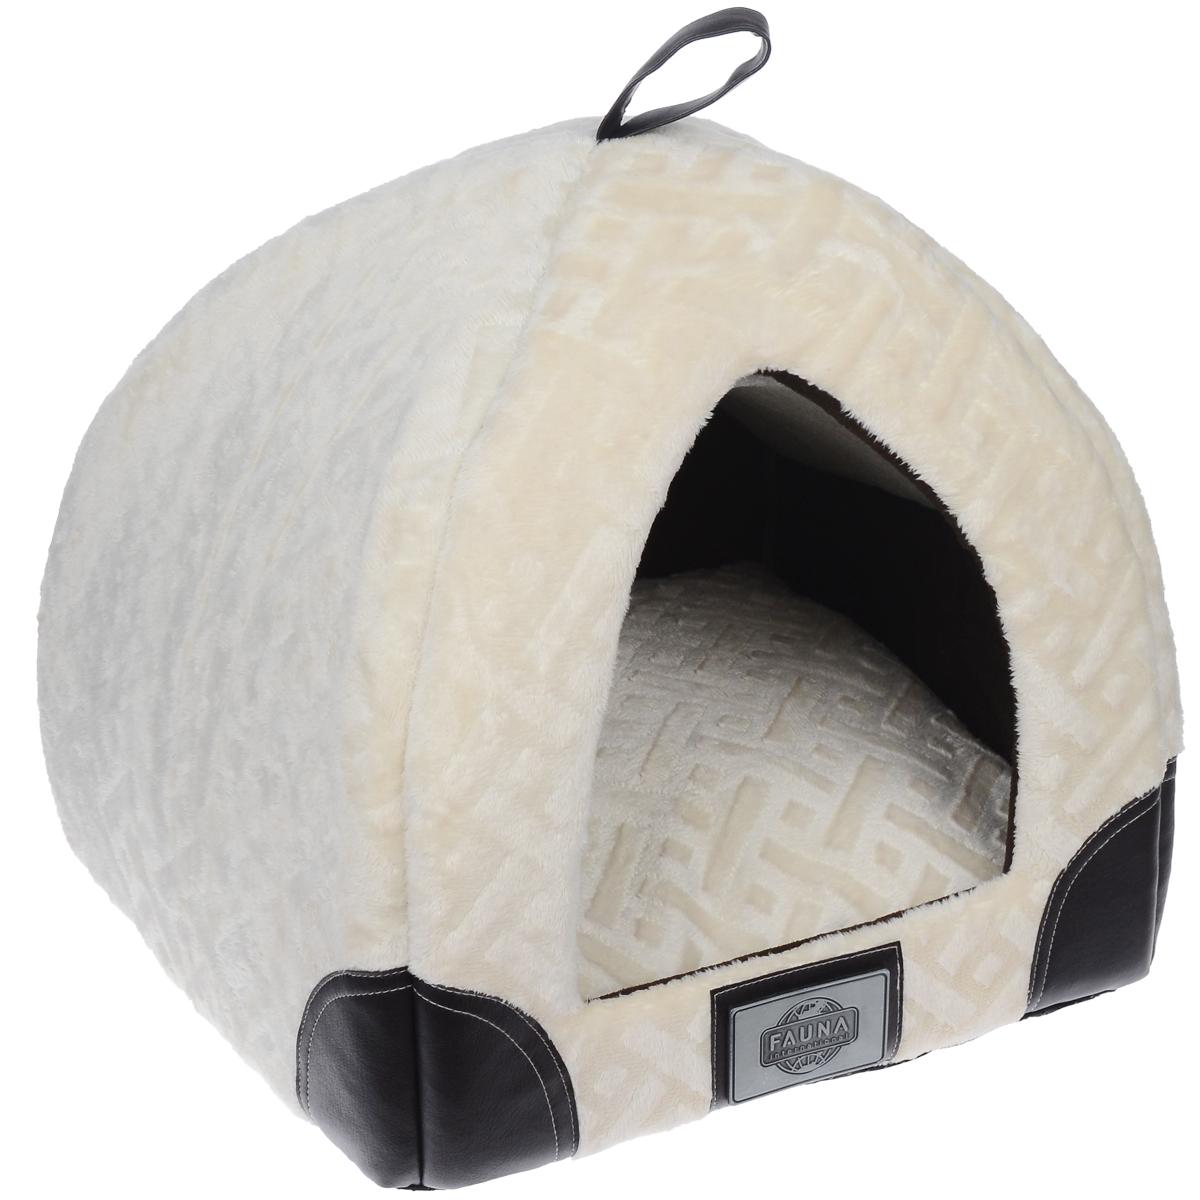 Домик для кошки Fauna Regina igloo, цвет: бежевый, коричневый, 35 см х 35 см х 40 смFIDB-7001Домик для кошки Fauna Regina igloo обязательно понравится вашему питомцу. Изделие выполнено из фактурного плюша, внутри отделано флисом. Домик украшен накладками из кожи и металлическим декором. Ваш любимец сразу же захочет забраться внутрь, там он сможет отдохнуть и спрятаться. Компактные размеры позволят поместить домик, где угодно, а приятная цветовая гамма сделает его оригинальным дополнением к любому интерьеру. Внутренняя высота домика: 38 см. Толщина подушки: 13 см. Толщина стенки: 2 см.